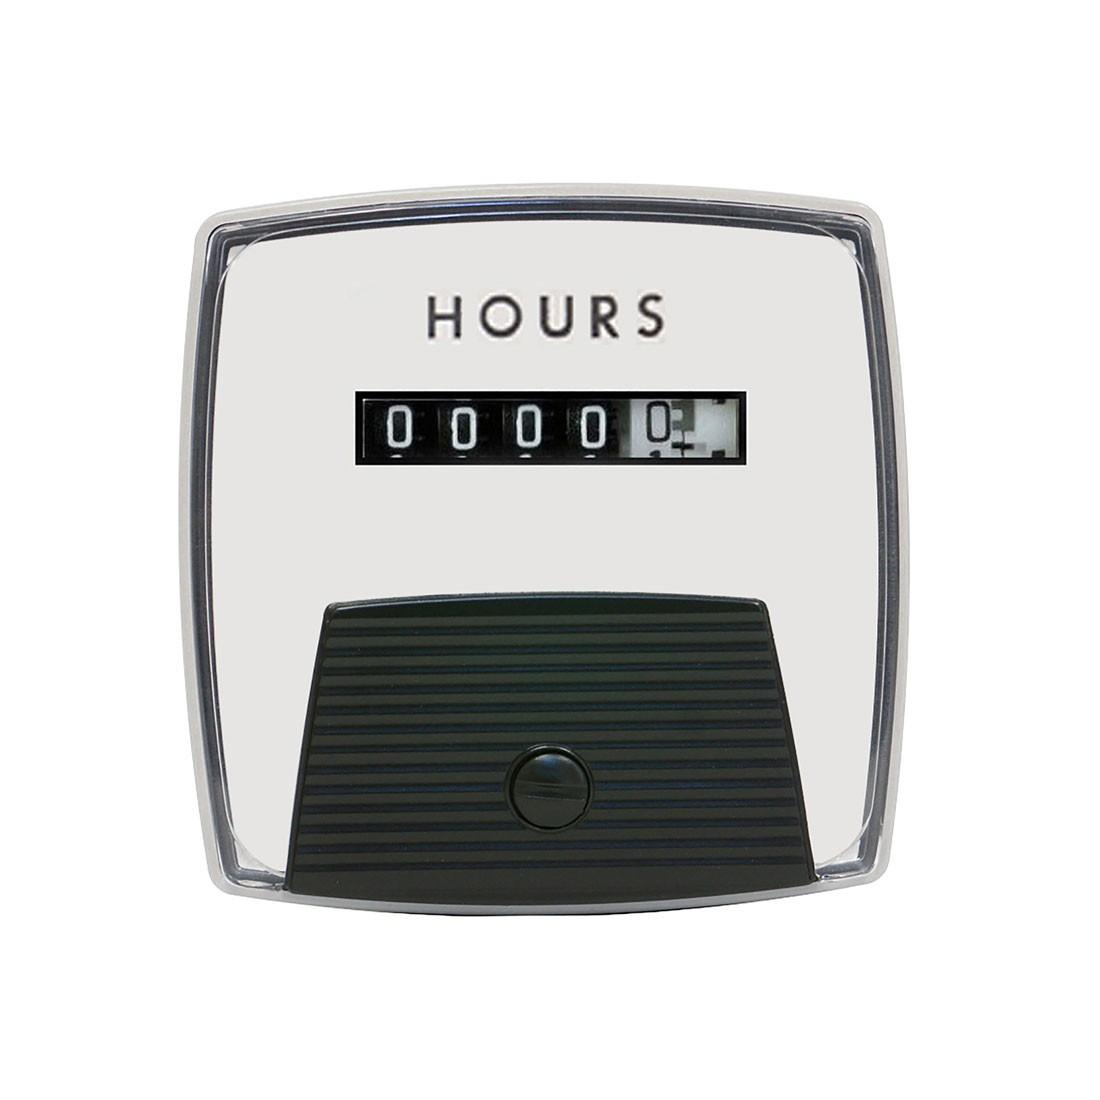 503HRM Elapsed Time Analog Panel Meter